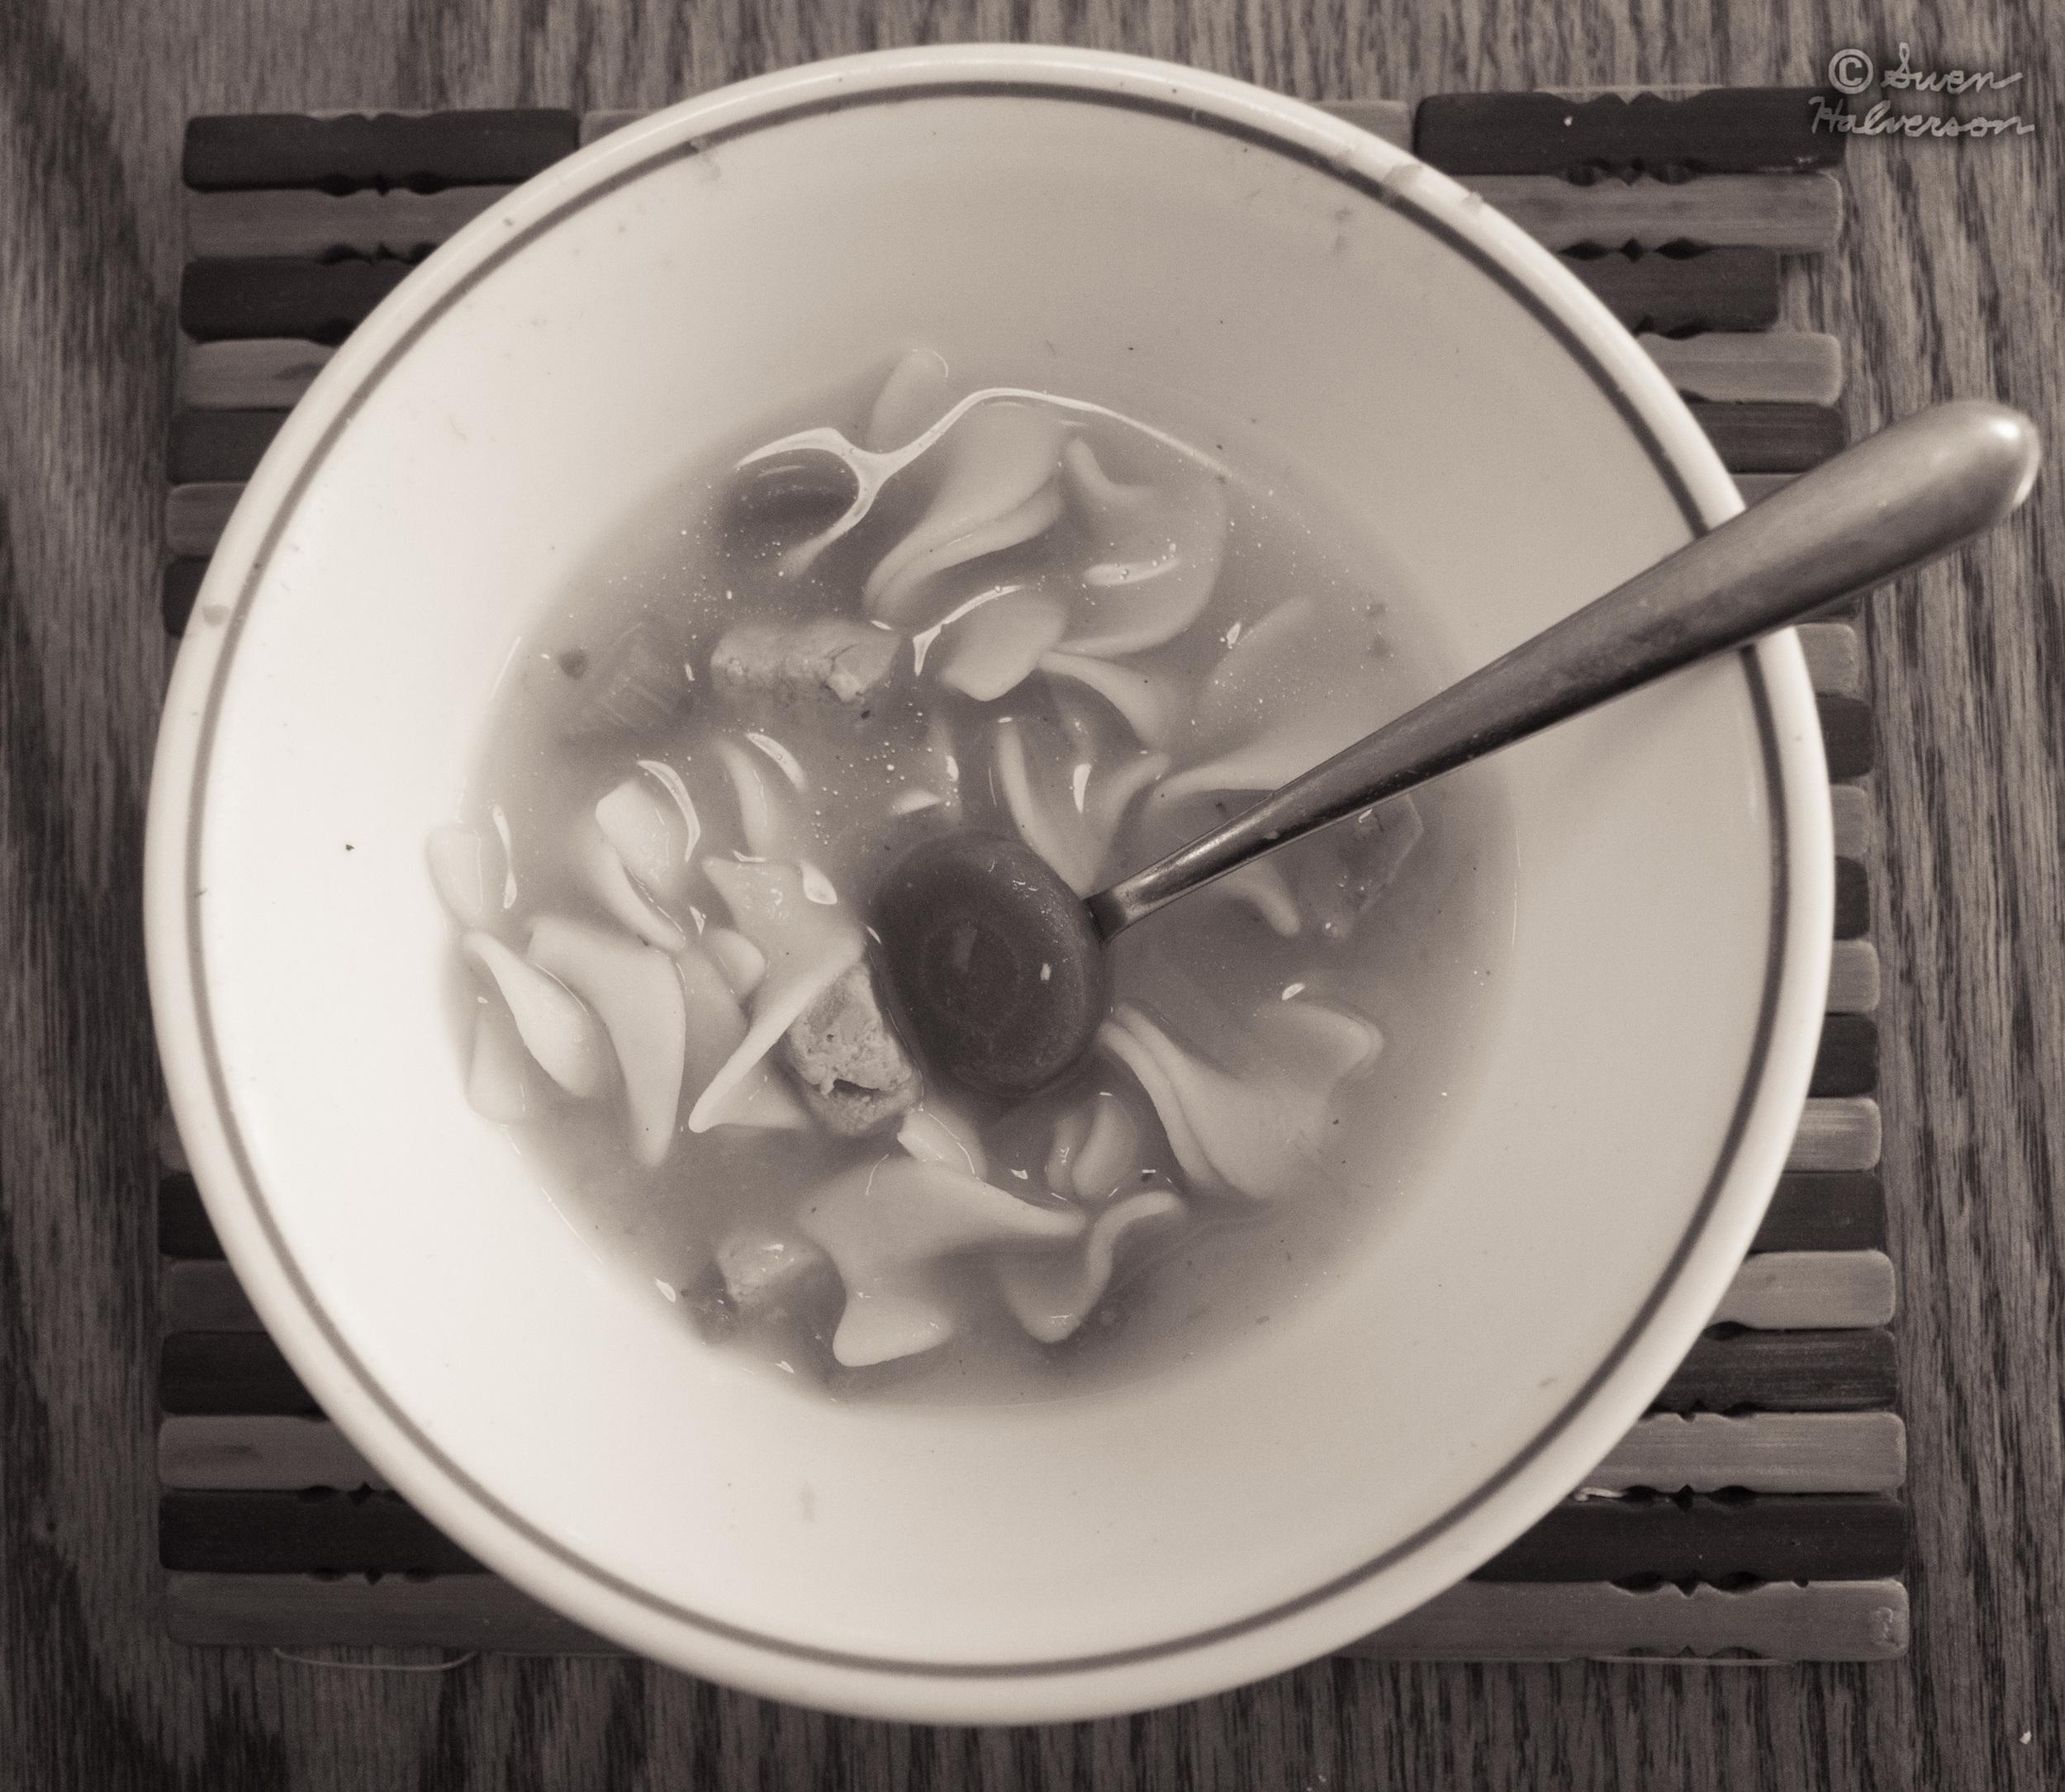 Theme: Soup  <br>Title: Chicken Noodle Soup 2